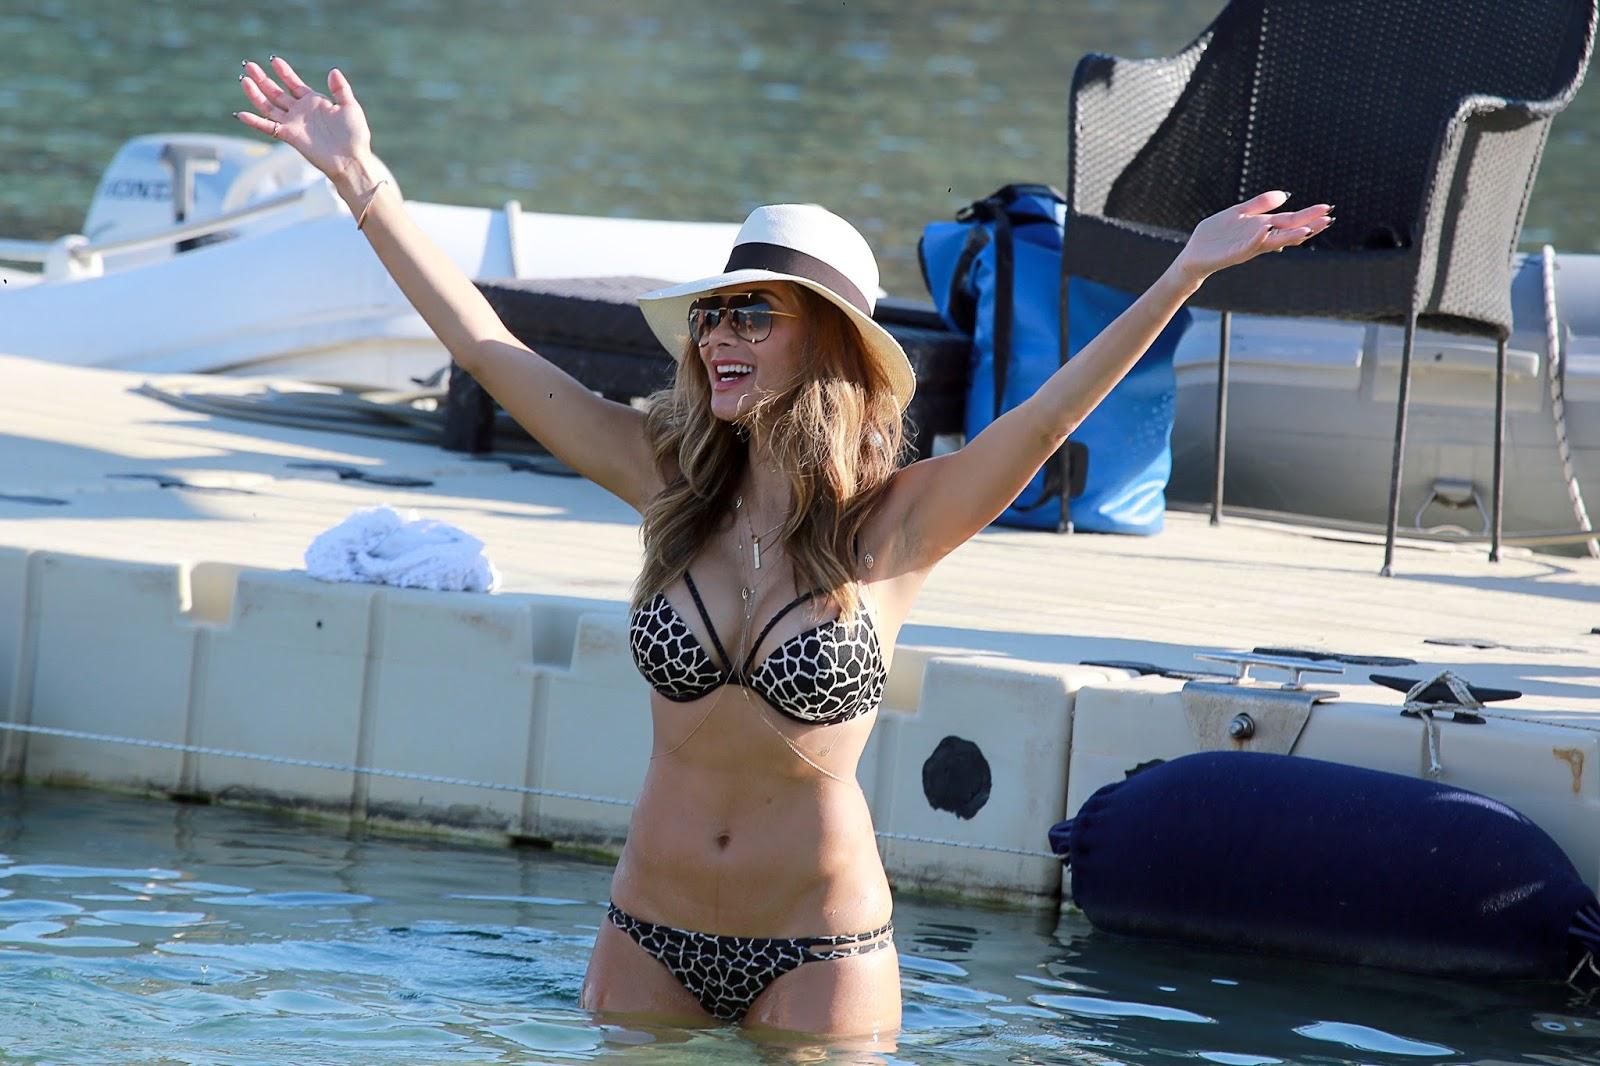 Nicole Scherzinger flaunts a Victoria's Secret bikini in Mykonos